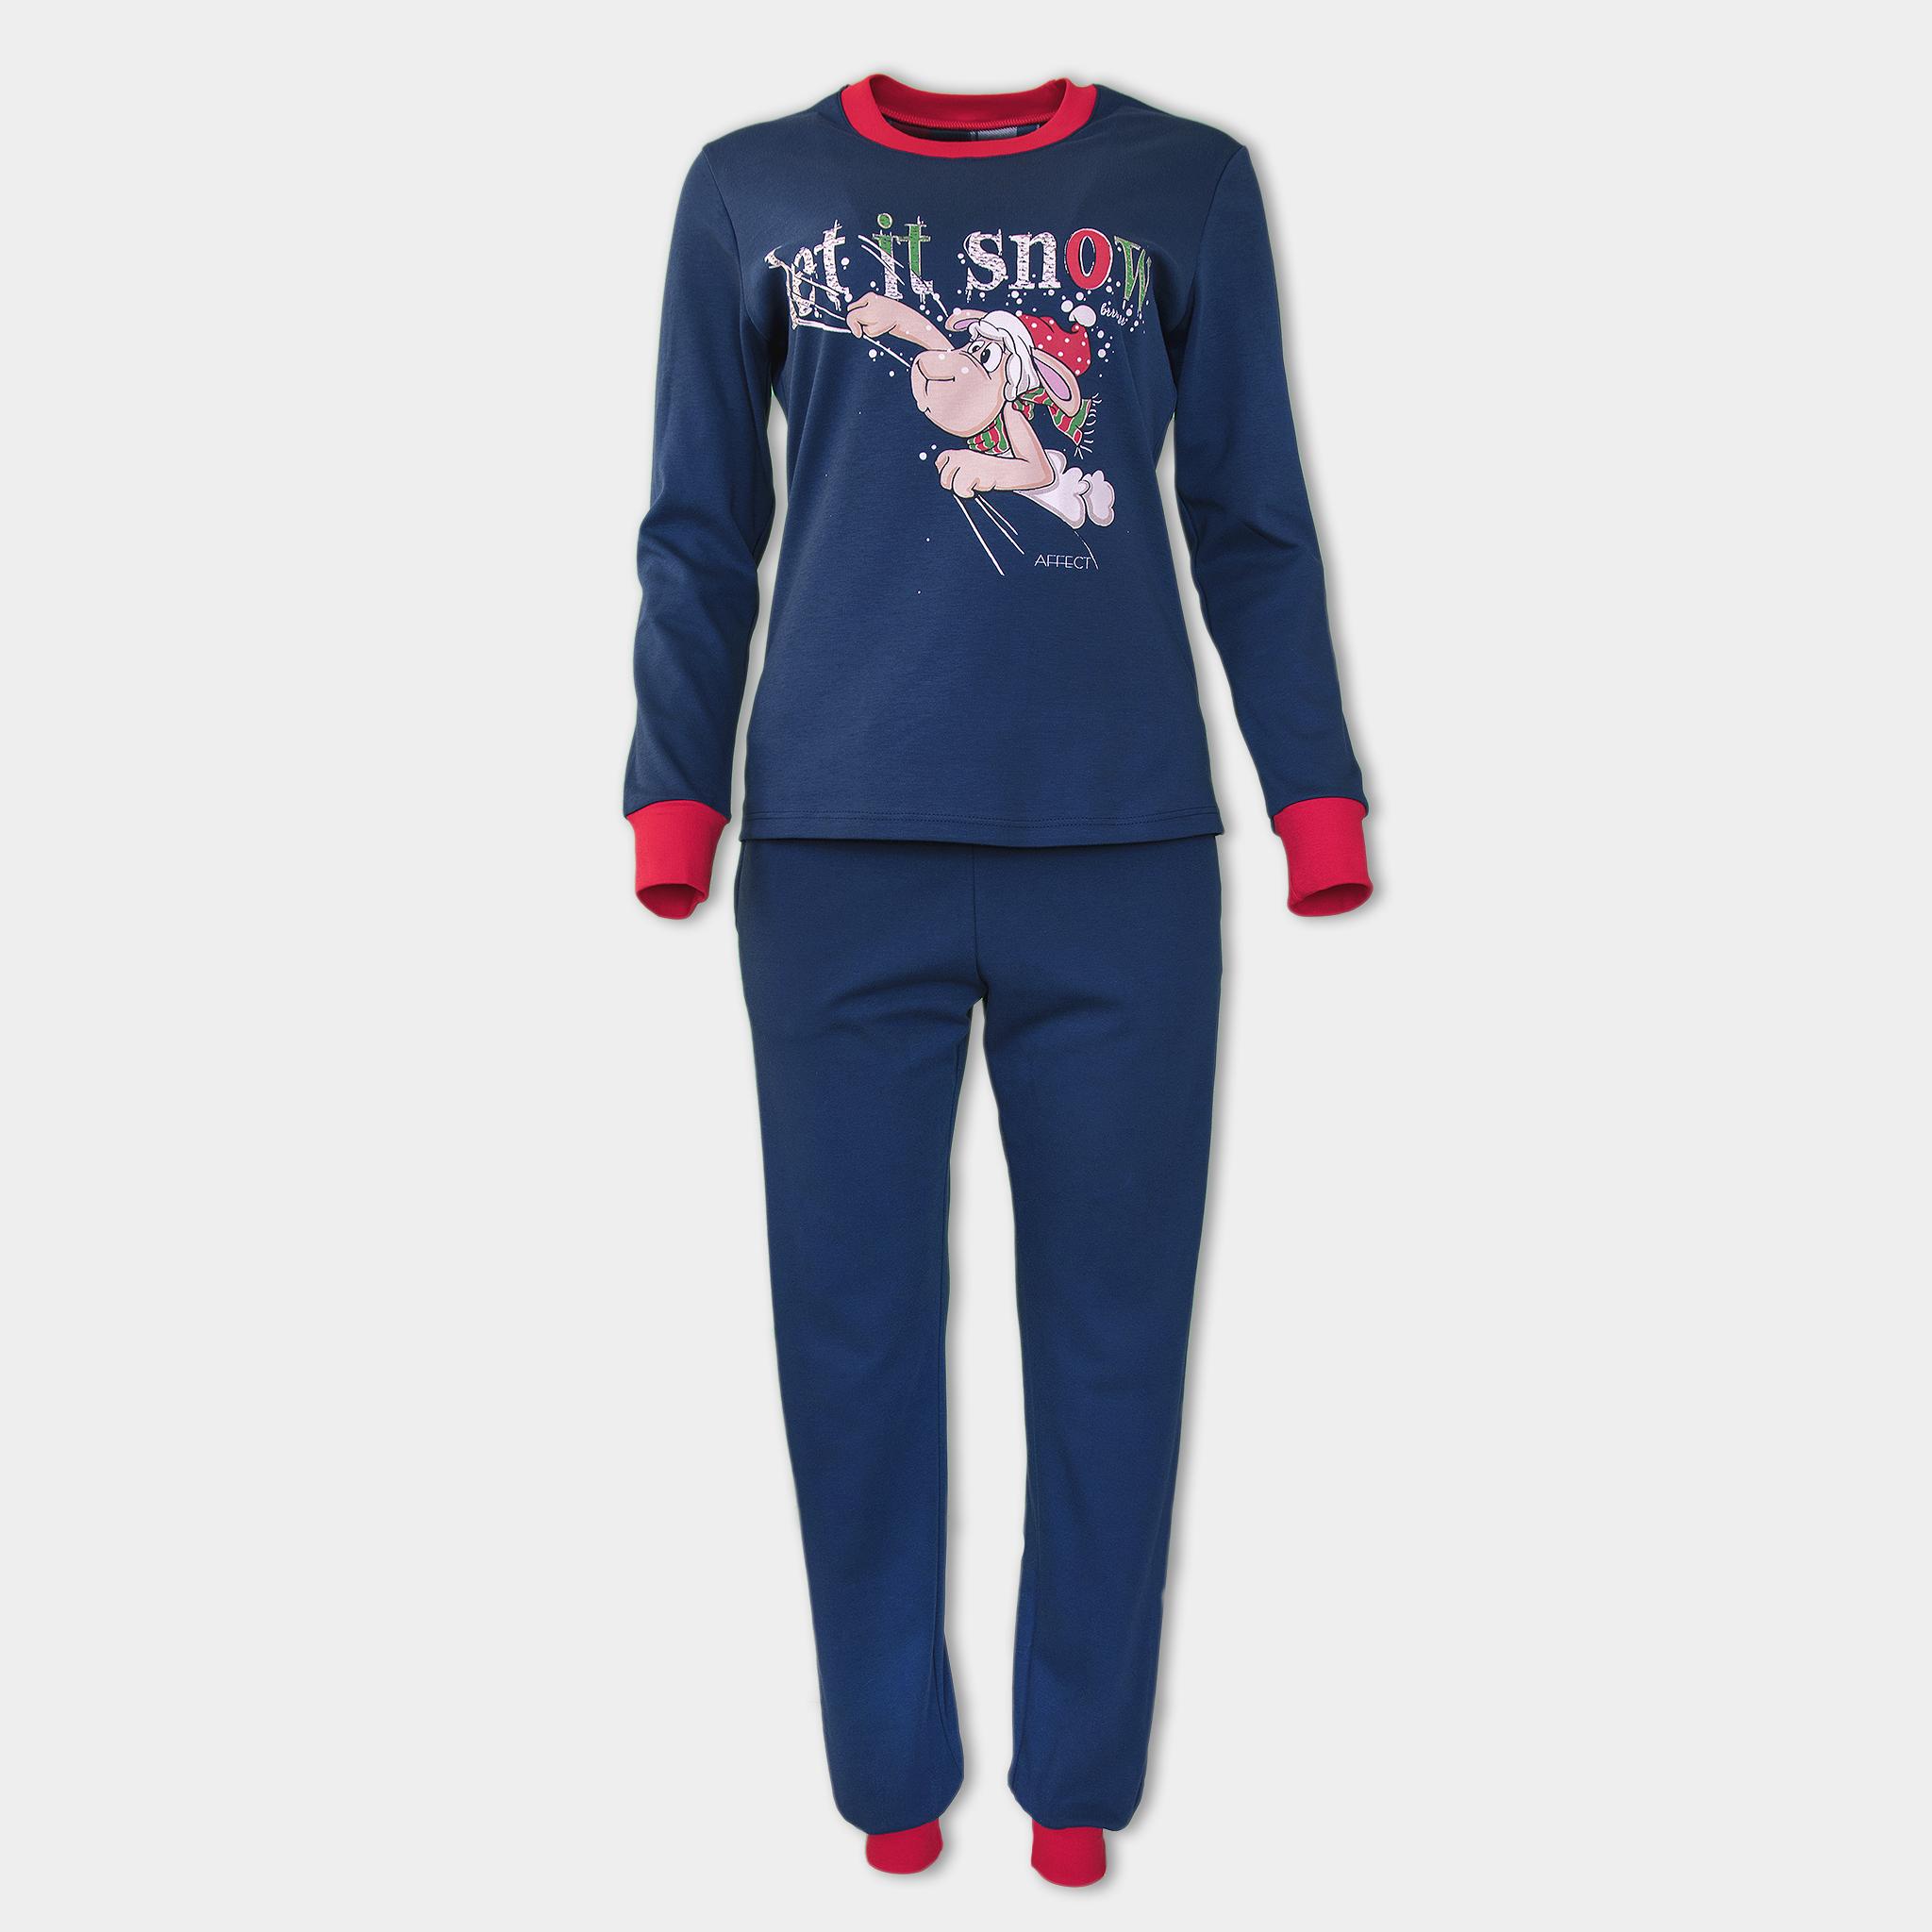 Christmas Pajamas Womens.Women S Christmas Pajamas With Sheep Let It Snow